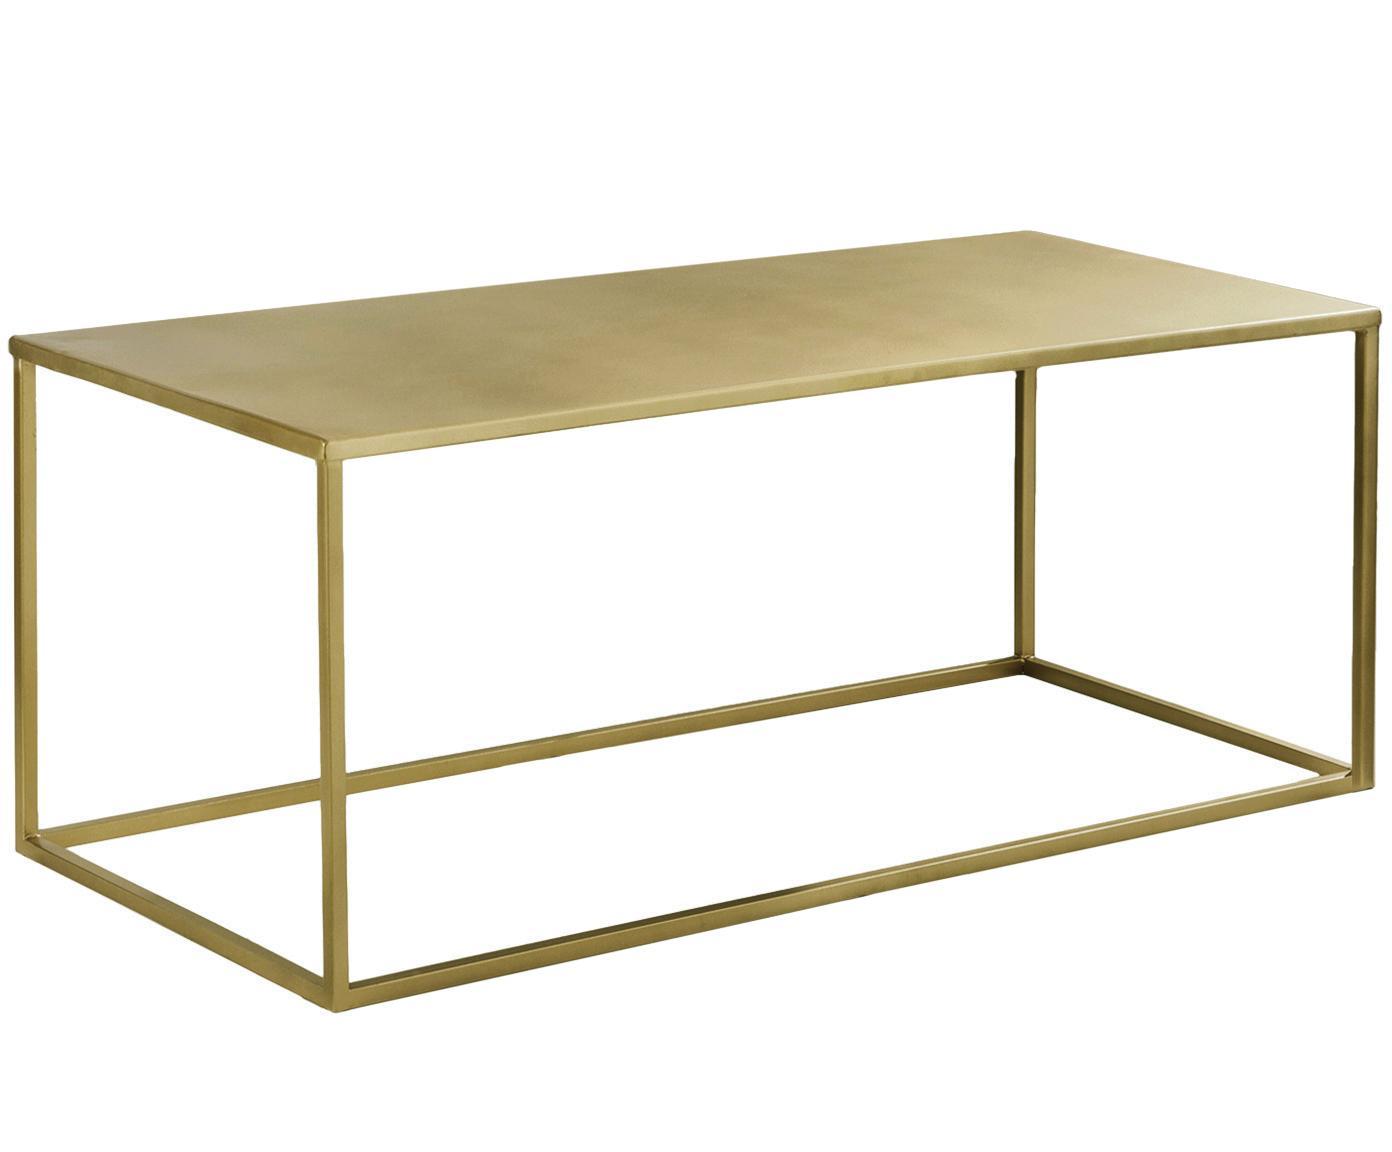 Stolik kawowy z metalu Stina, Metal malowany proszkowo, Odcienie złotego, matowy, S 90 x W 45 cm